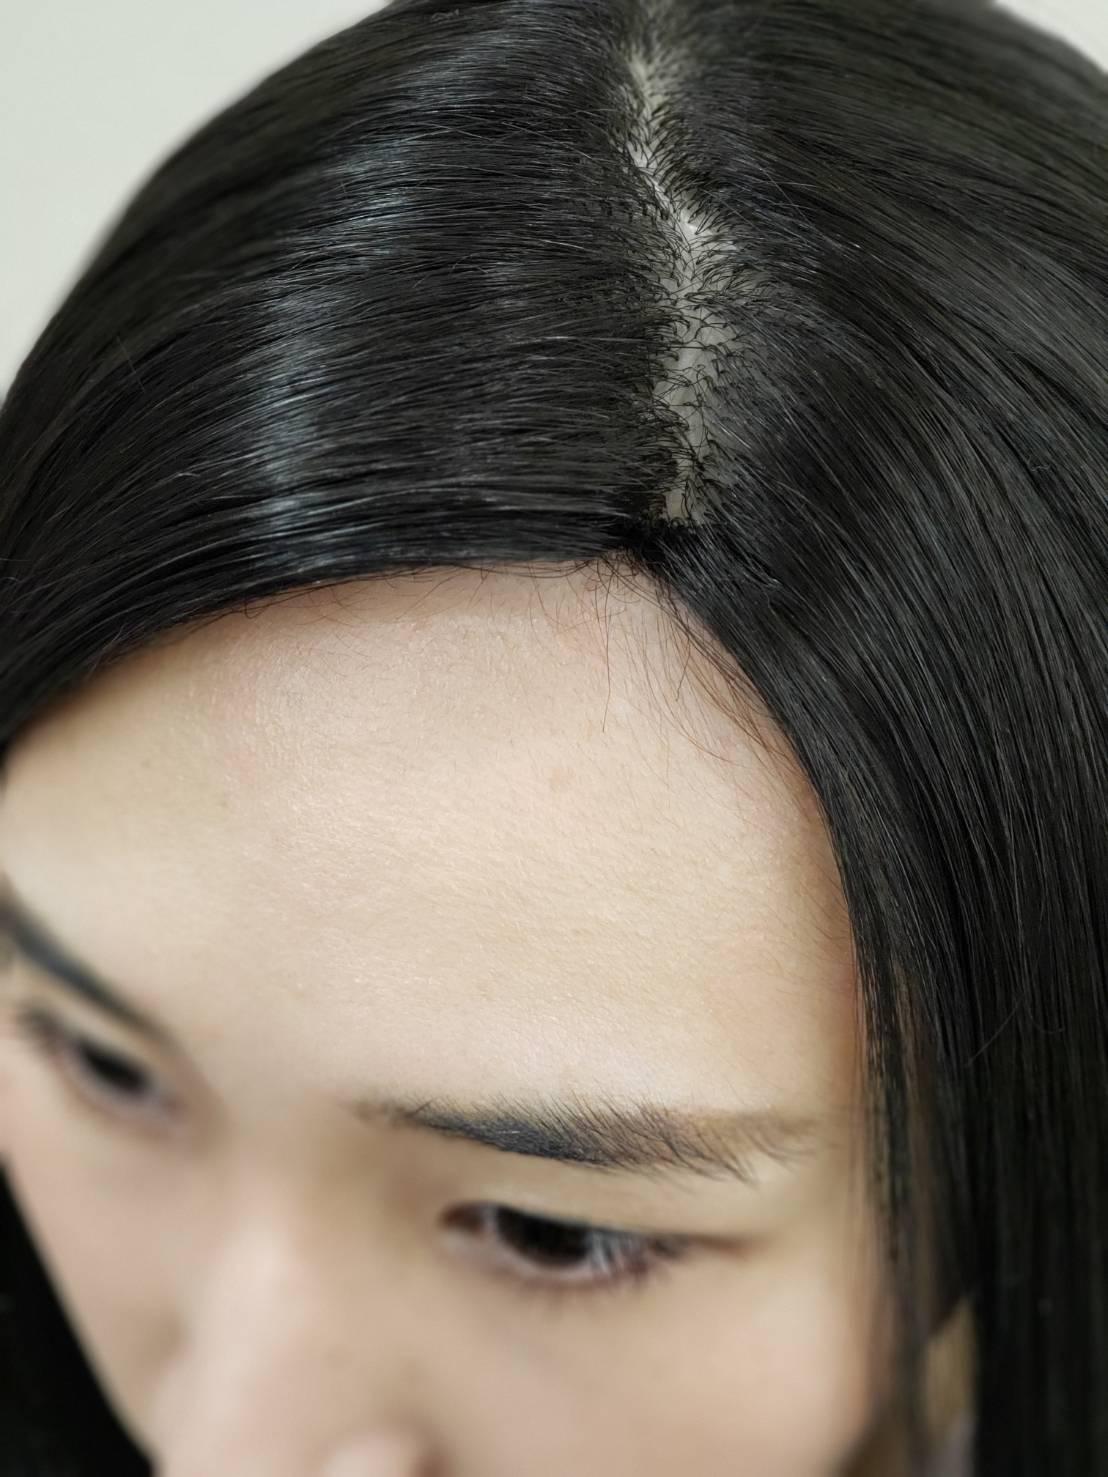 市販で流通しているウィッグと同様です。市販で流通しているウィッグと同様です。 前髪があるタイプは問題有りませんが上の画像の様なワンレングスや、額を出すスタイルだと不自然に見えます。主に各種イベント・バラエティ向きです。